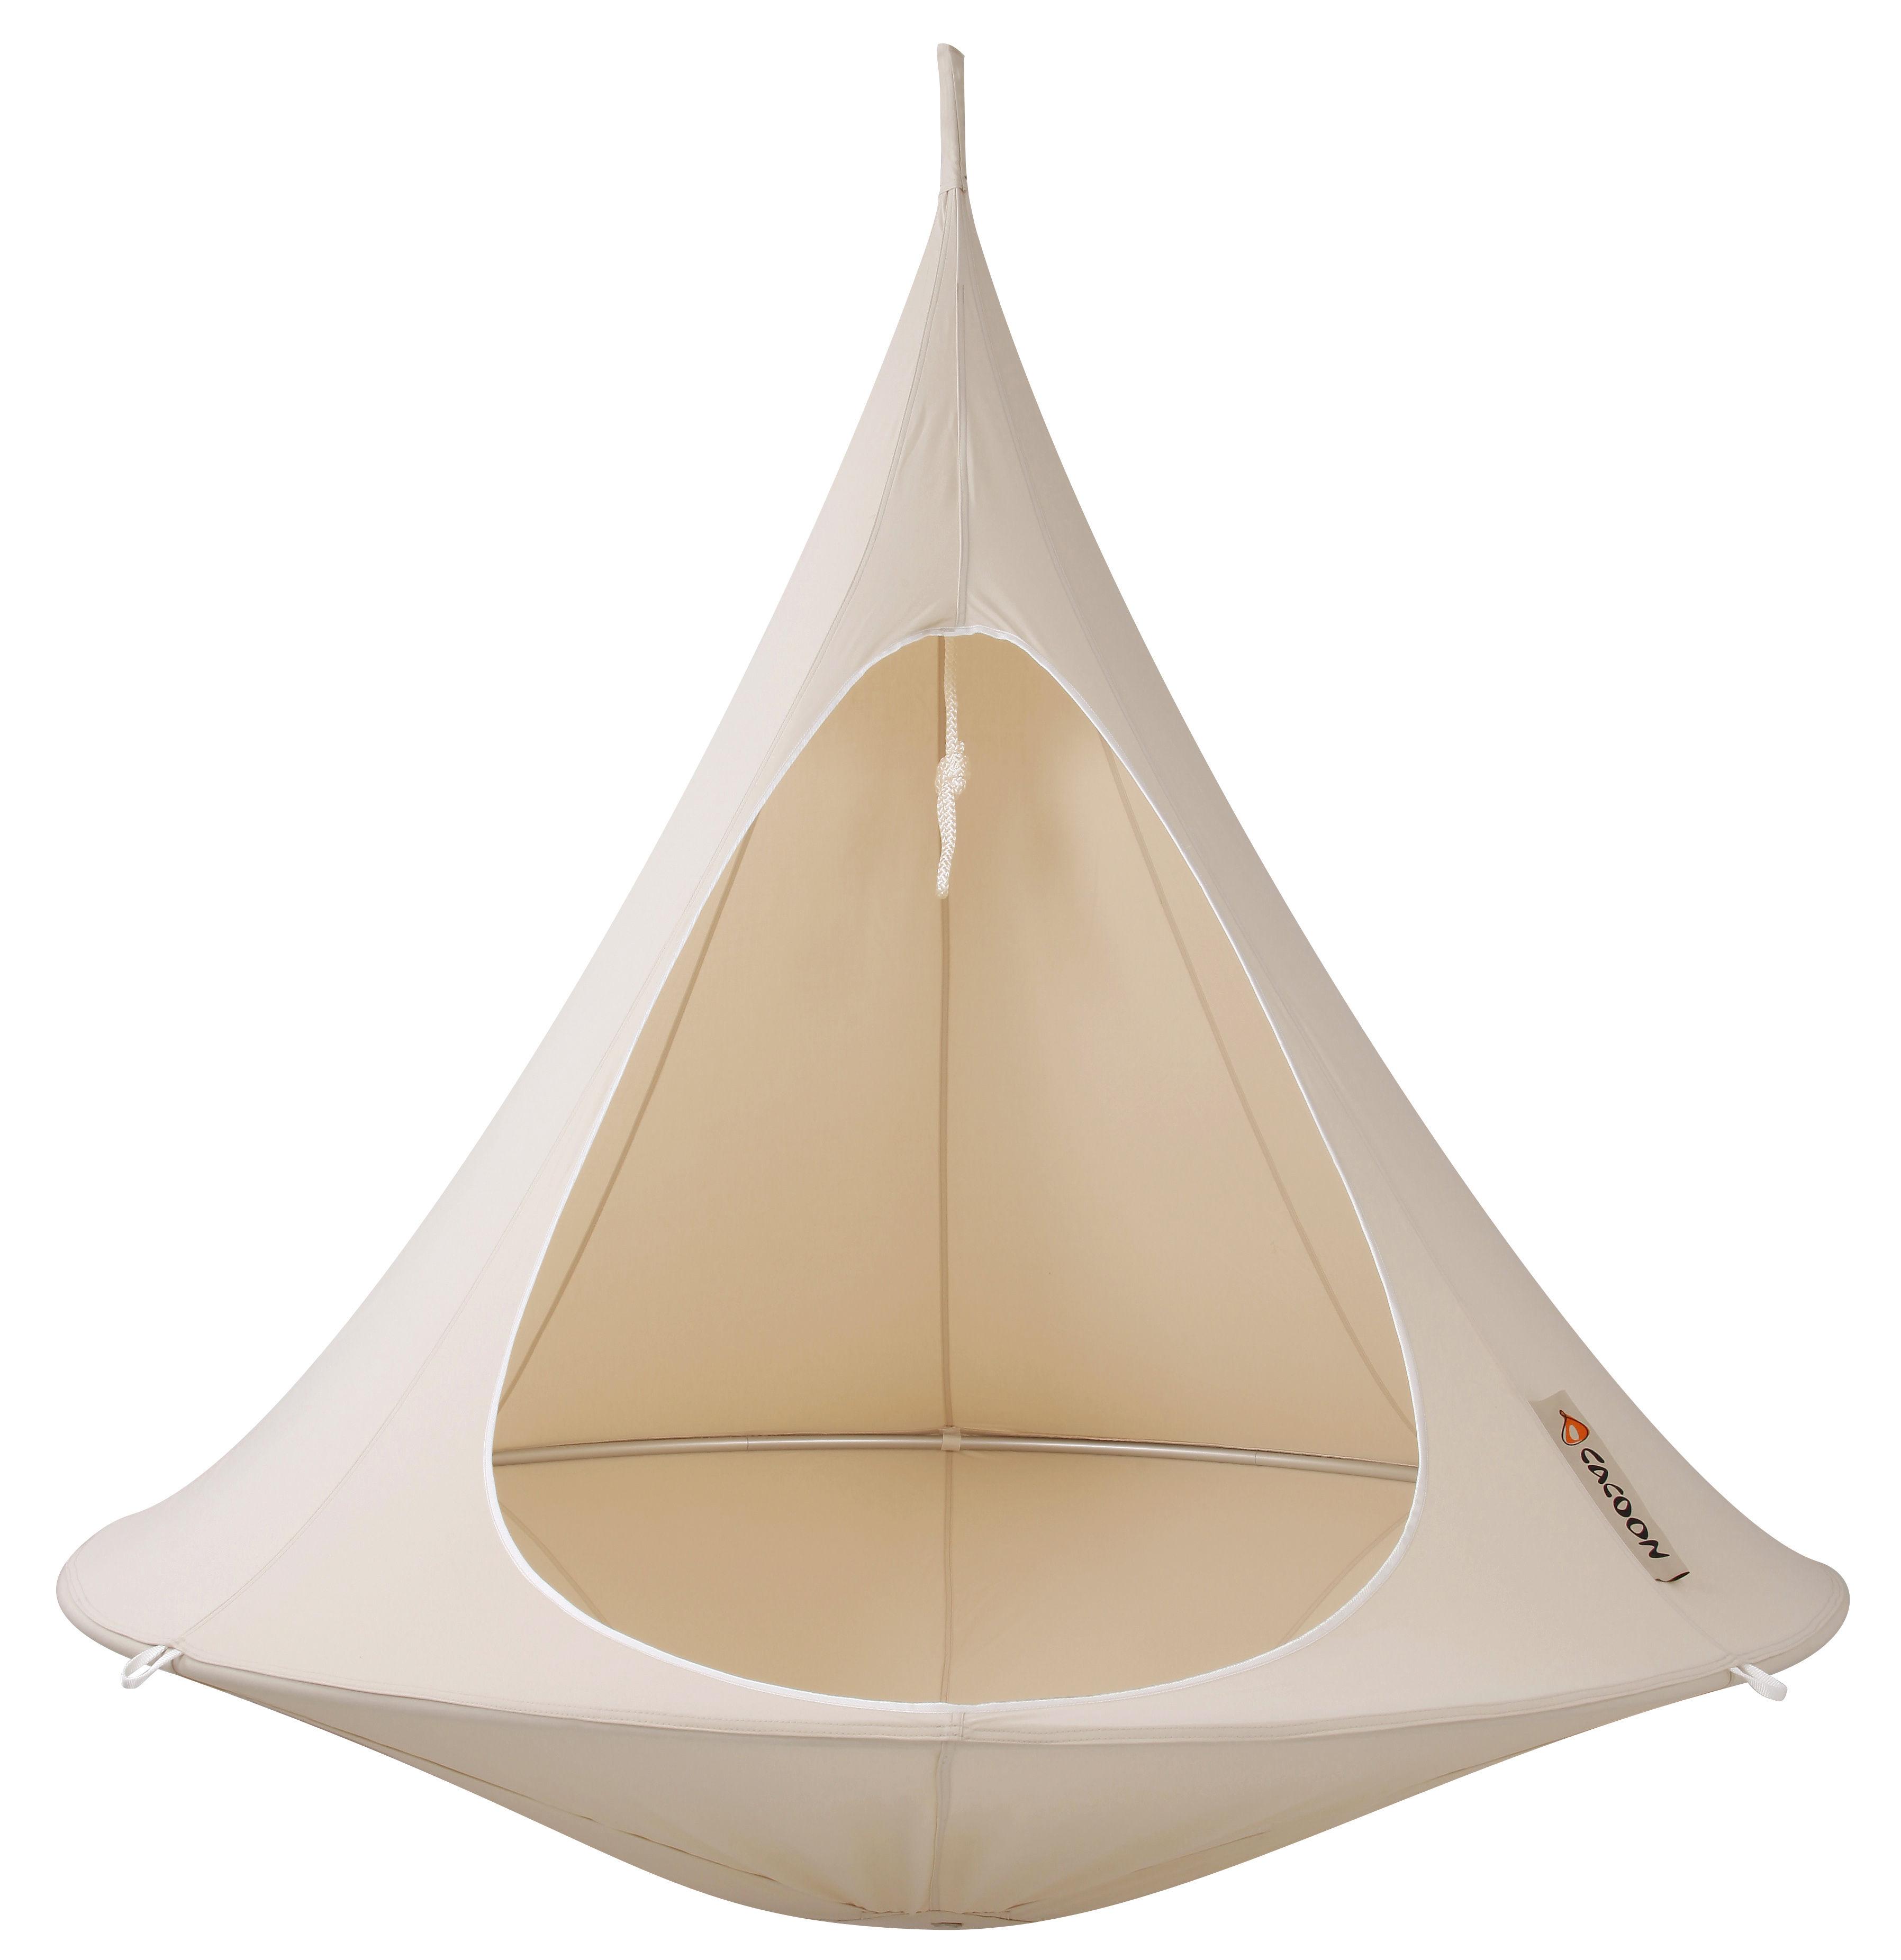 Outdoor - Chaises longues et hamacs - Fauteuil suspendu / Tente - Ø 180 cm - 2 personnes - Cacoon - Blanc naturel - Aluminium anodisé, Toile